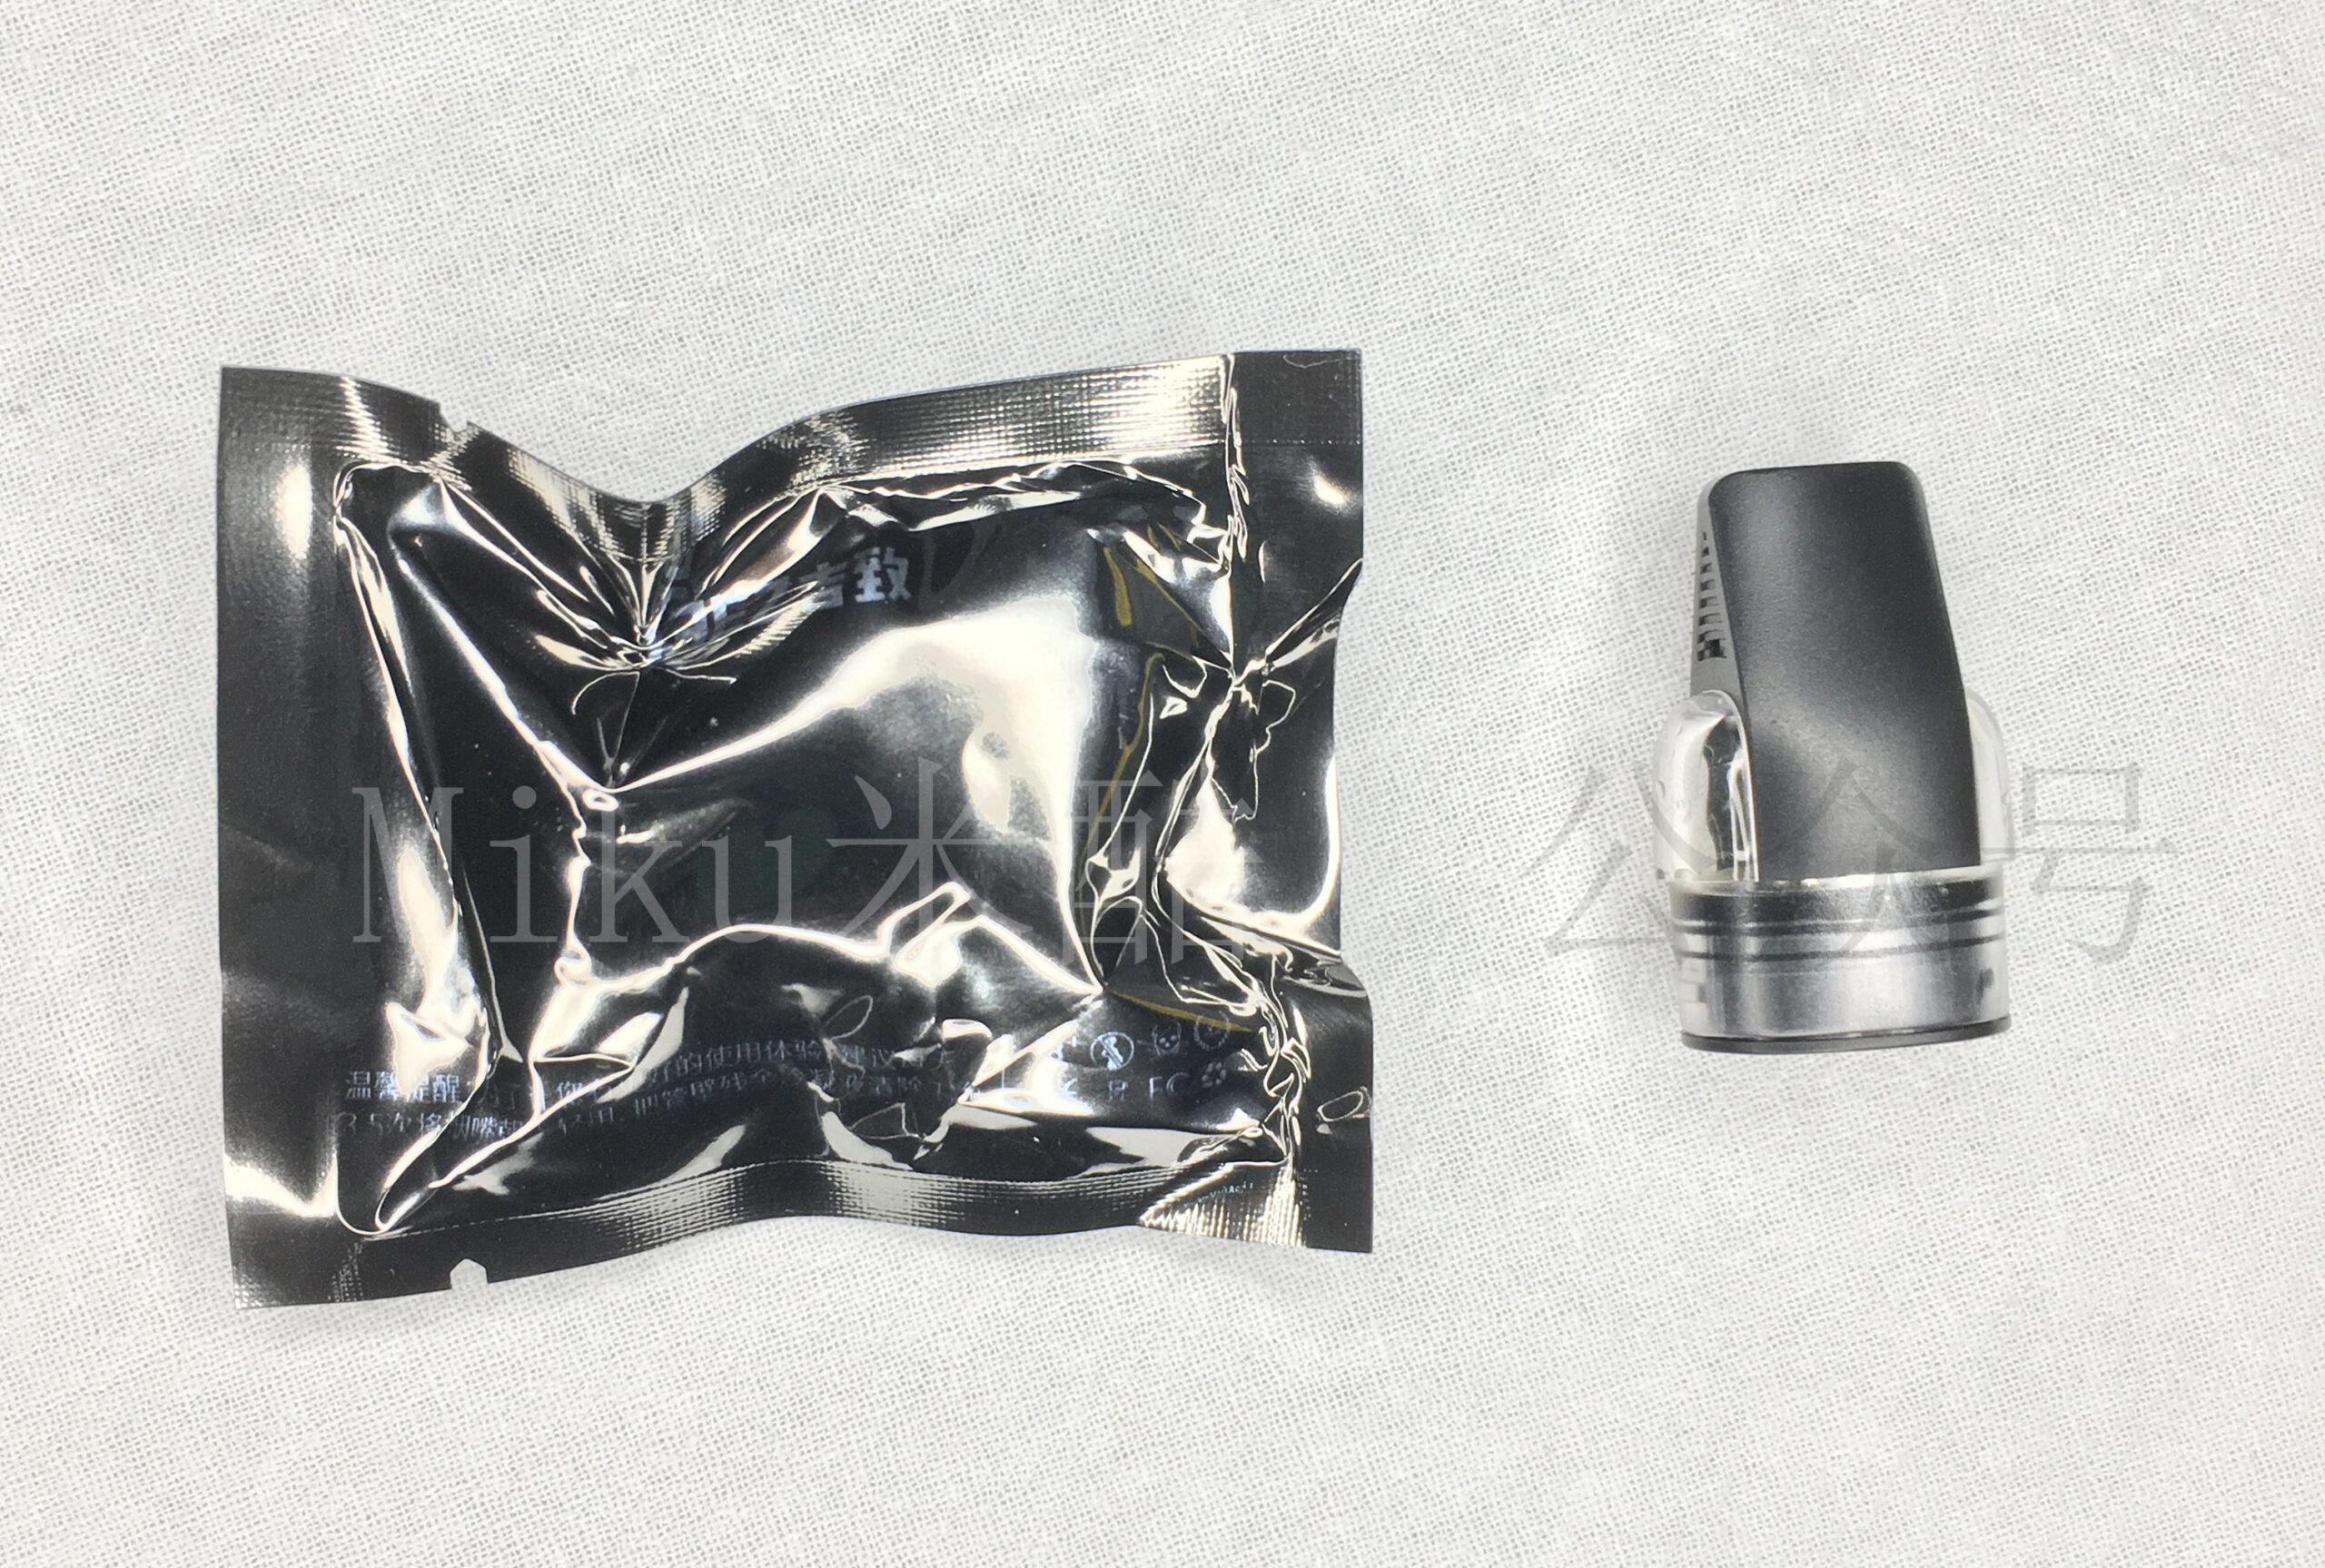 RELX悦刻一代通配烟弹展示